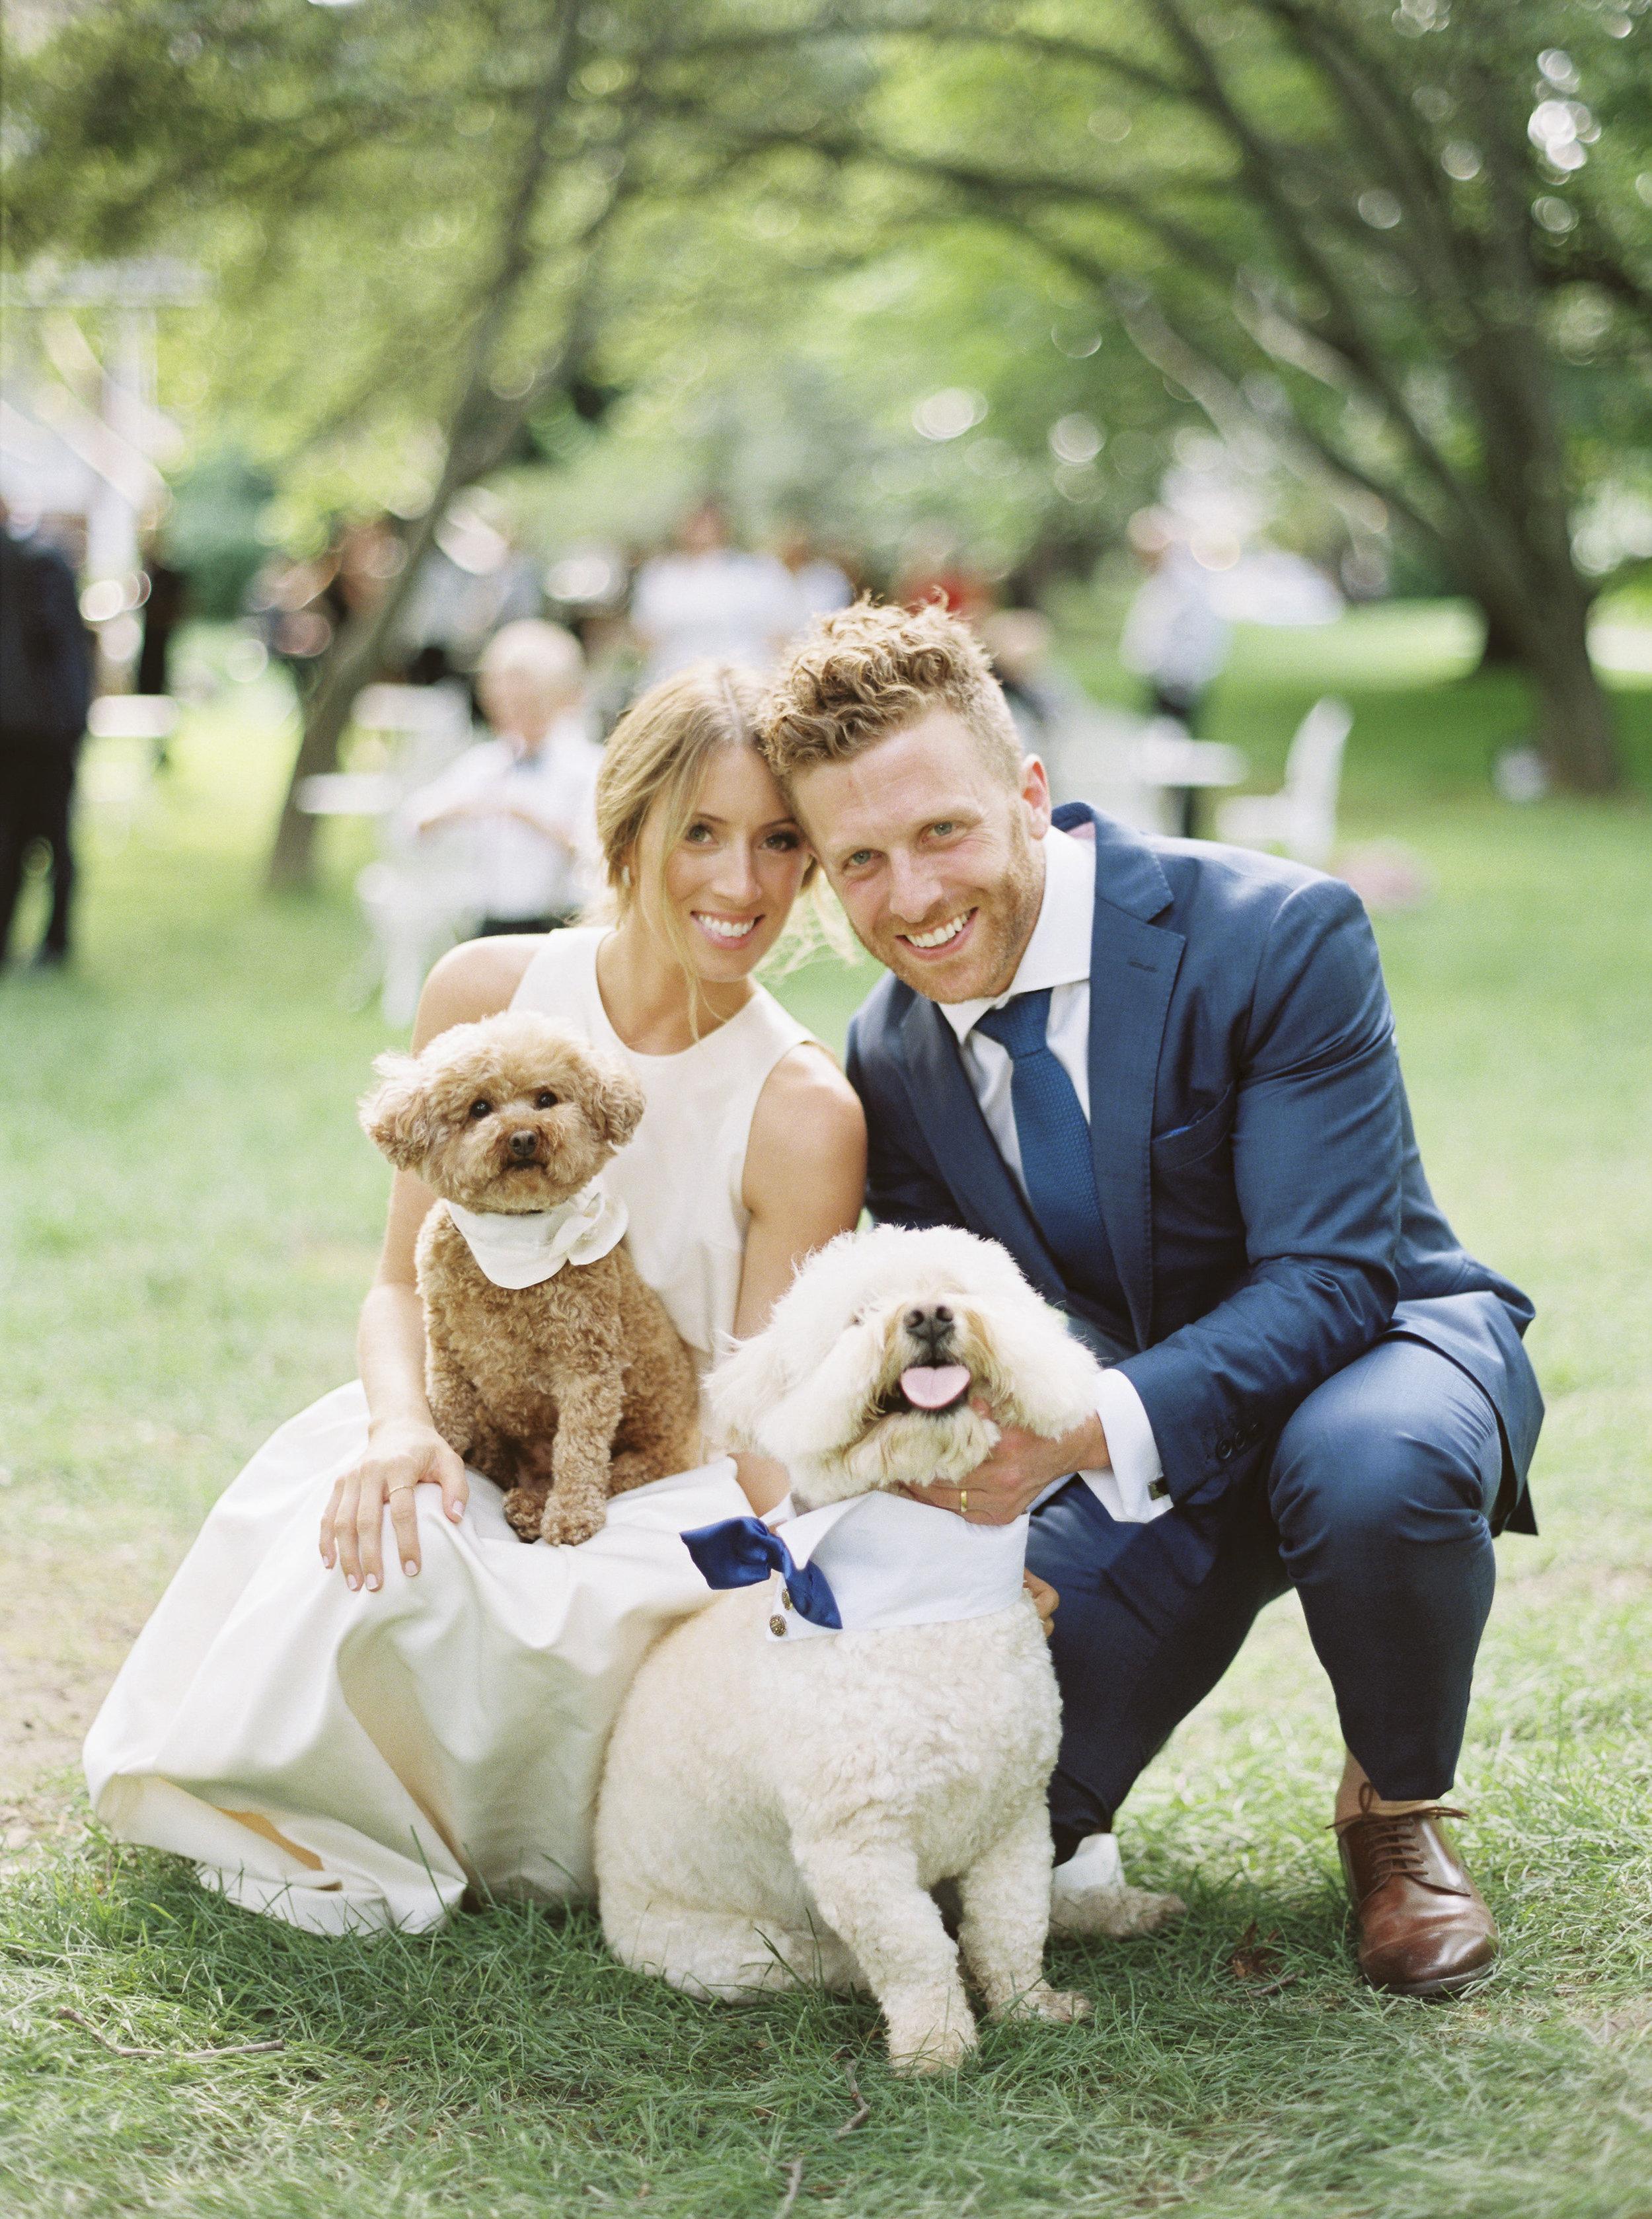 Wedding___Nicole___Eric_464.jpg